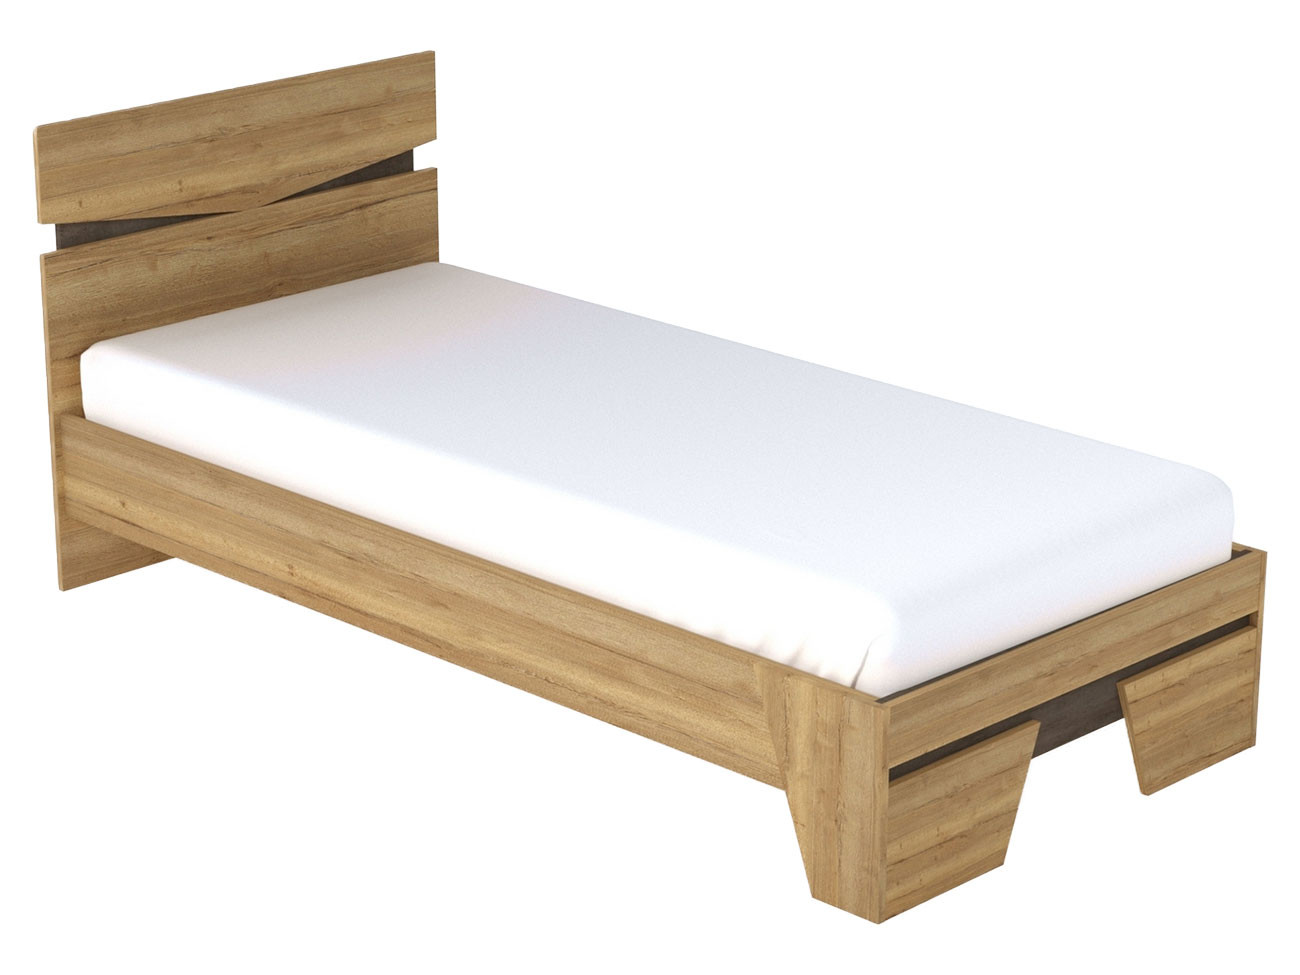 Односпальная кровать  Кровать Стреза NEW 90*200 Дуб Галифакс / Бетон Чикаго, С основанием